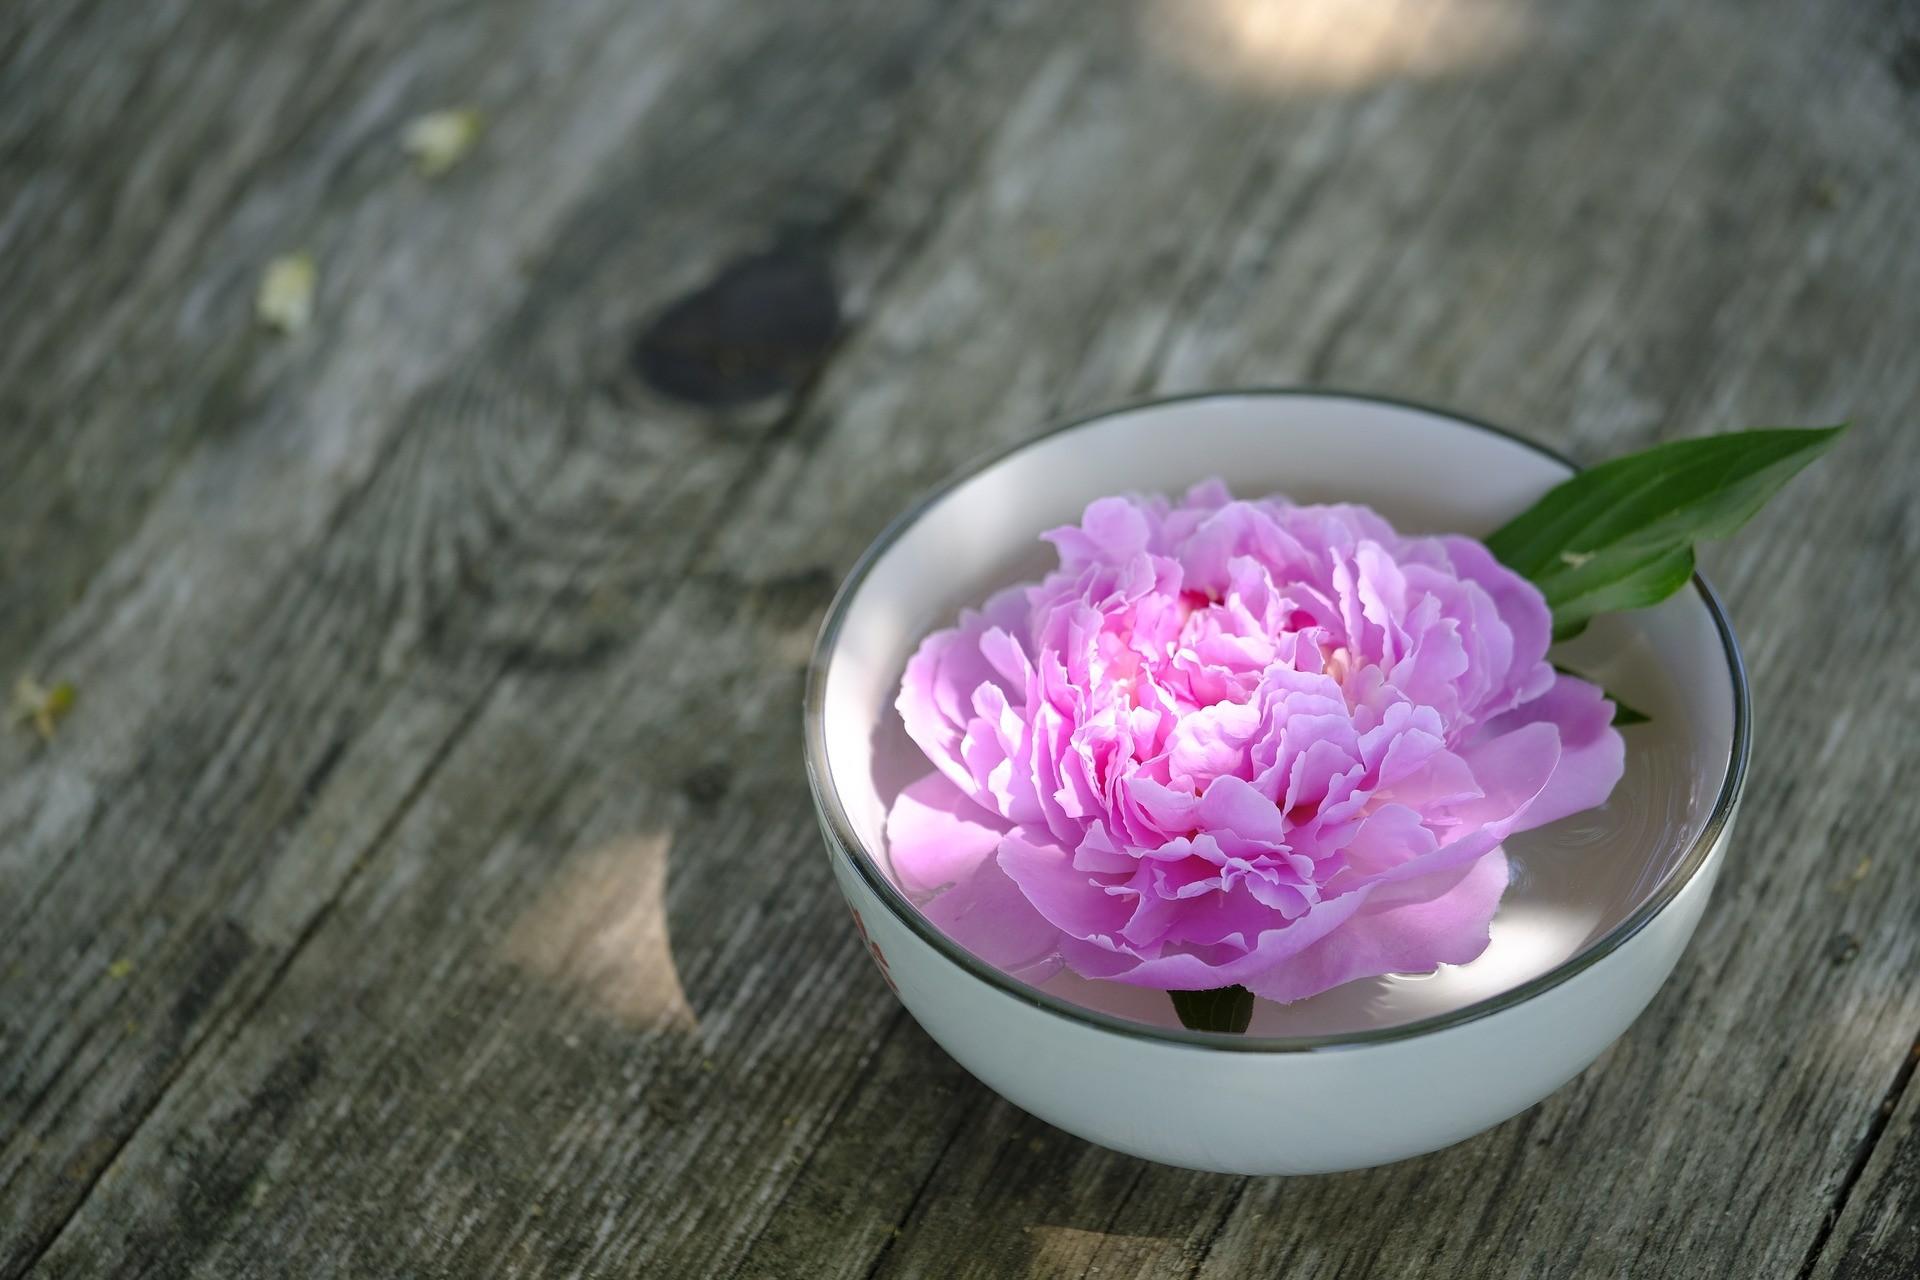 ▲牡丹。(圖/取自免費圖庫pixabay)